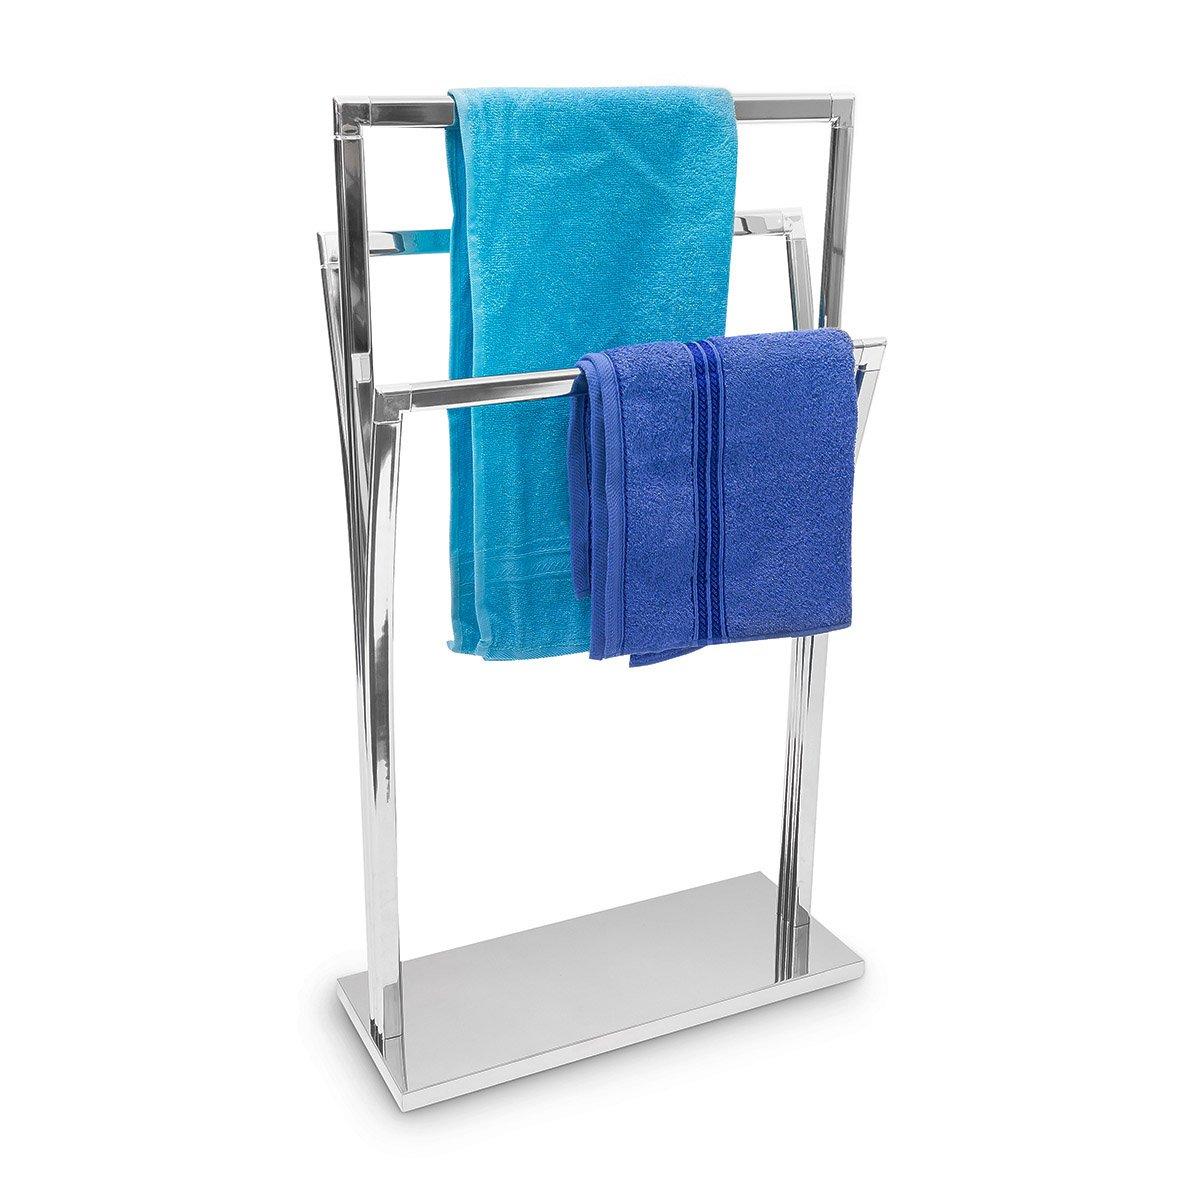 Handtuchhalter Ständer amazon de handtuchständer eisenwaren baumarkt